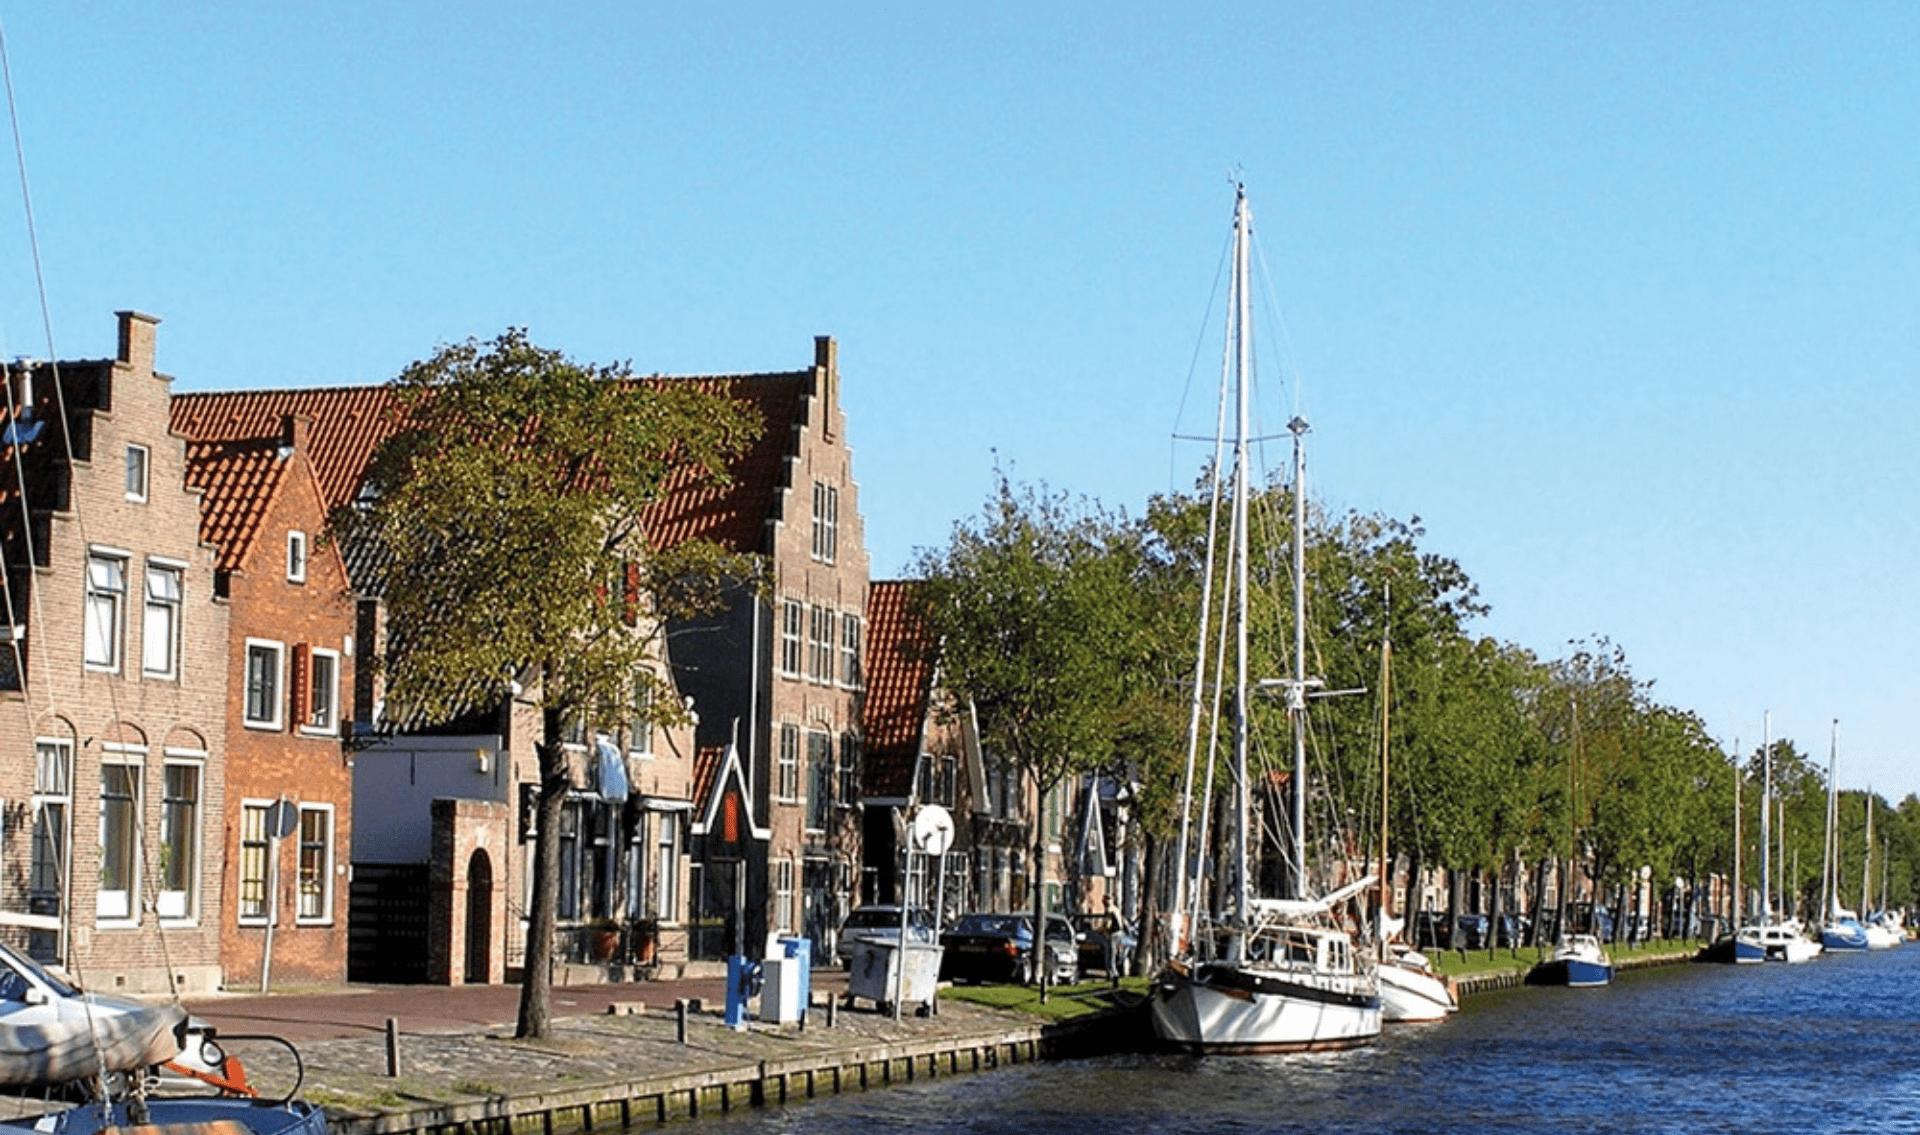 Fietsvakantie Friese meren Sneek, vanuit één hotel